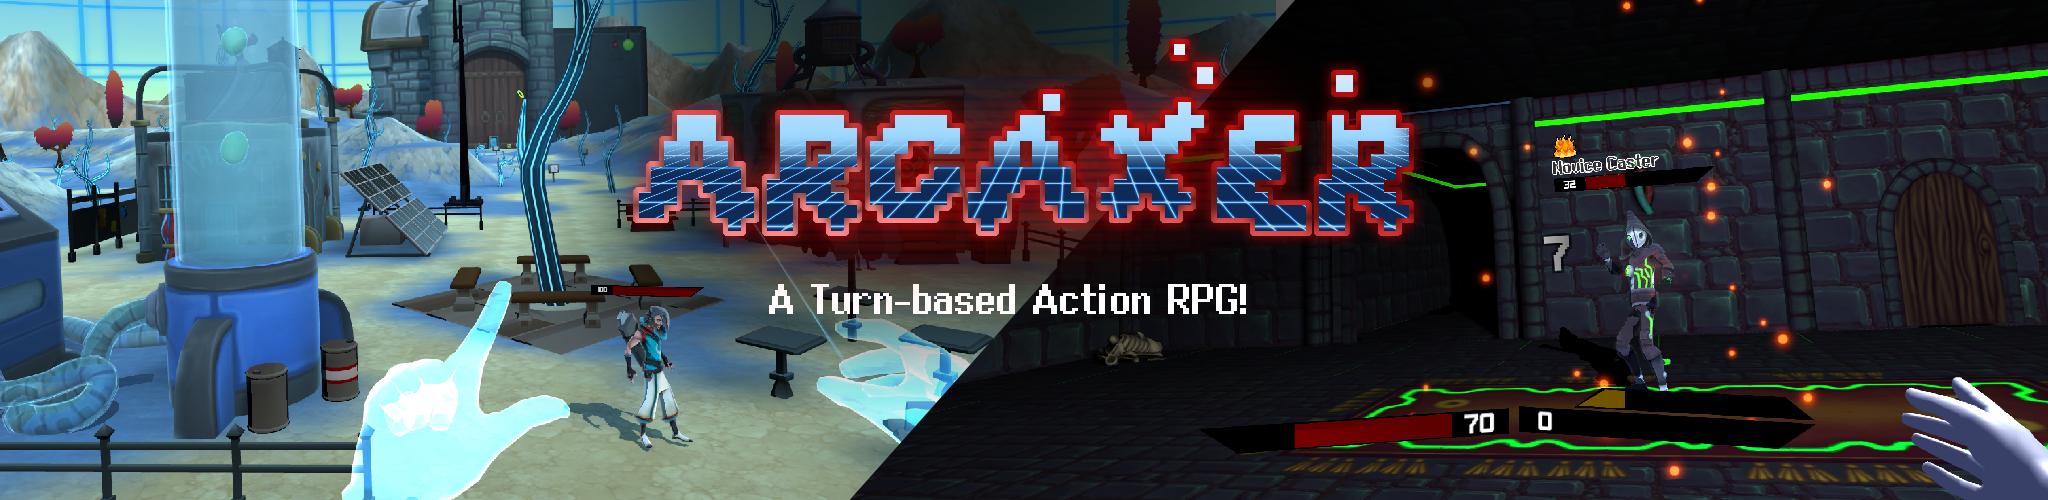 Arcaxer Demo